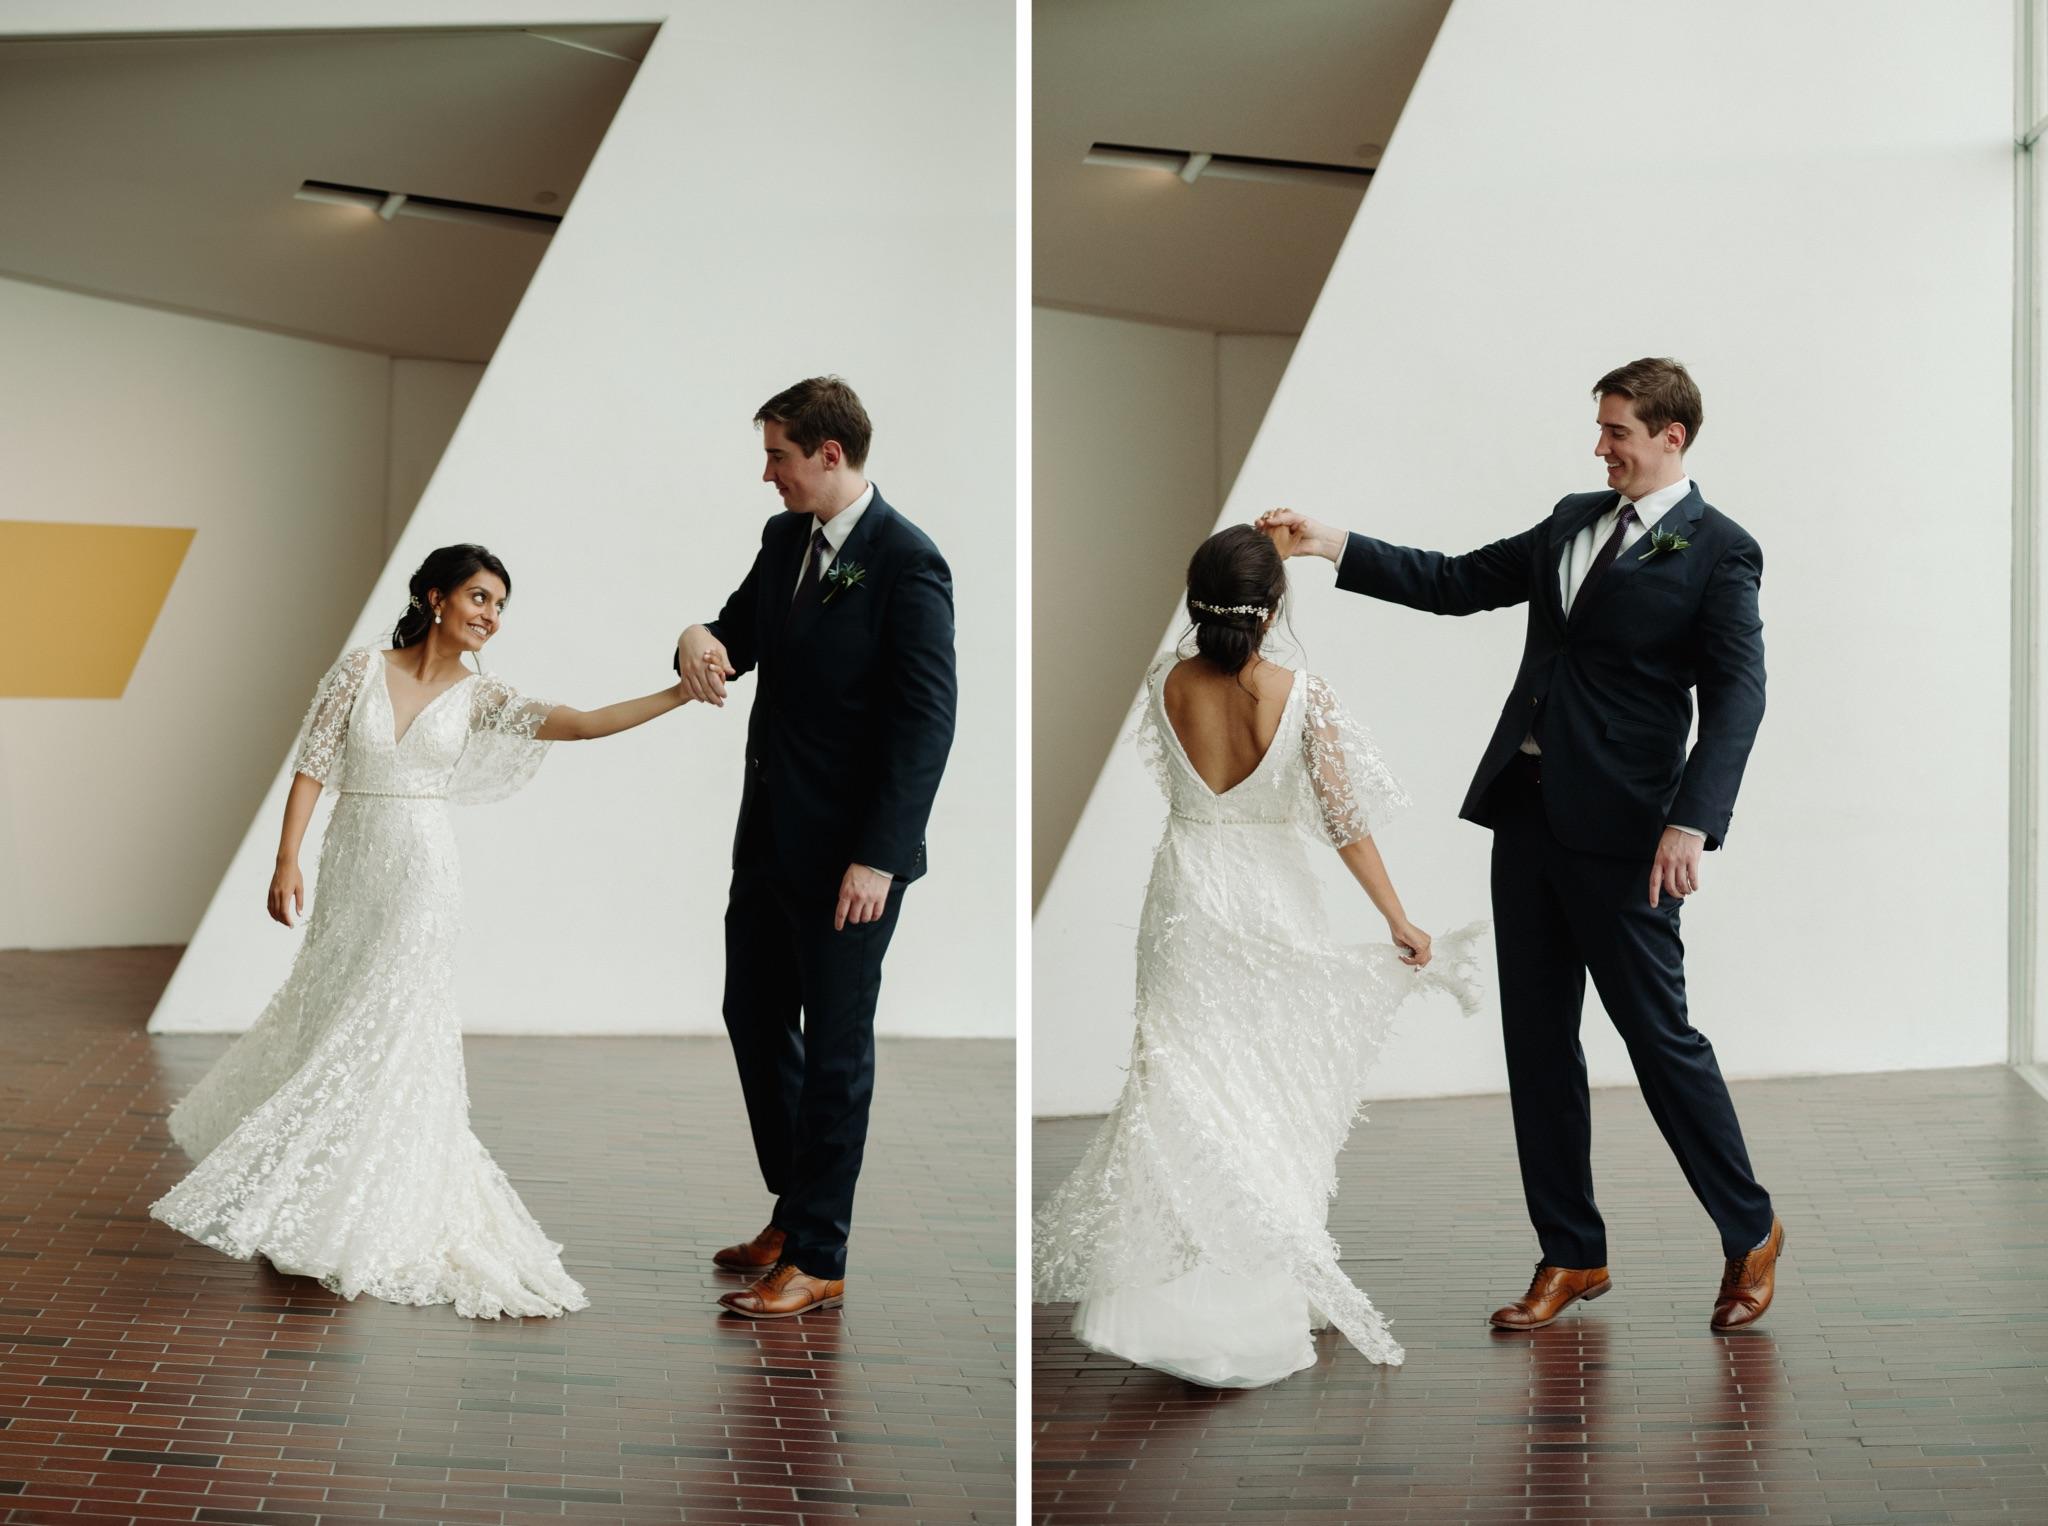 Groom spinning bride walker art center wedding